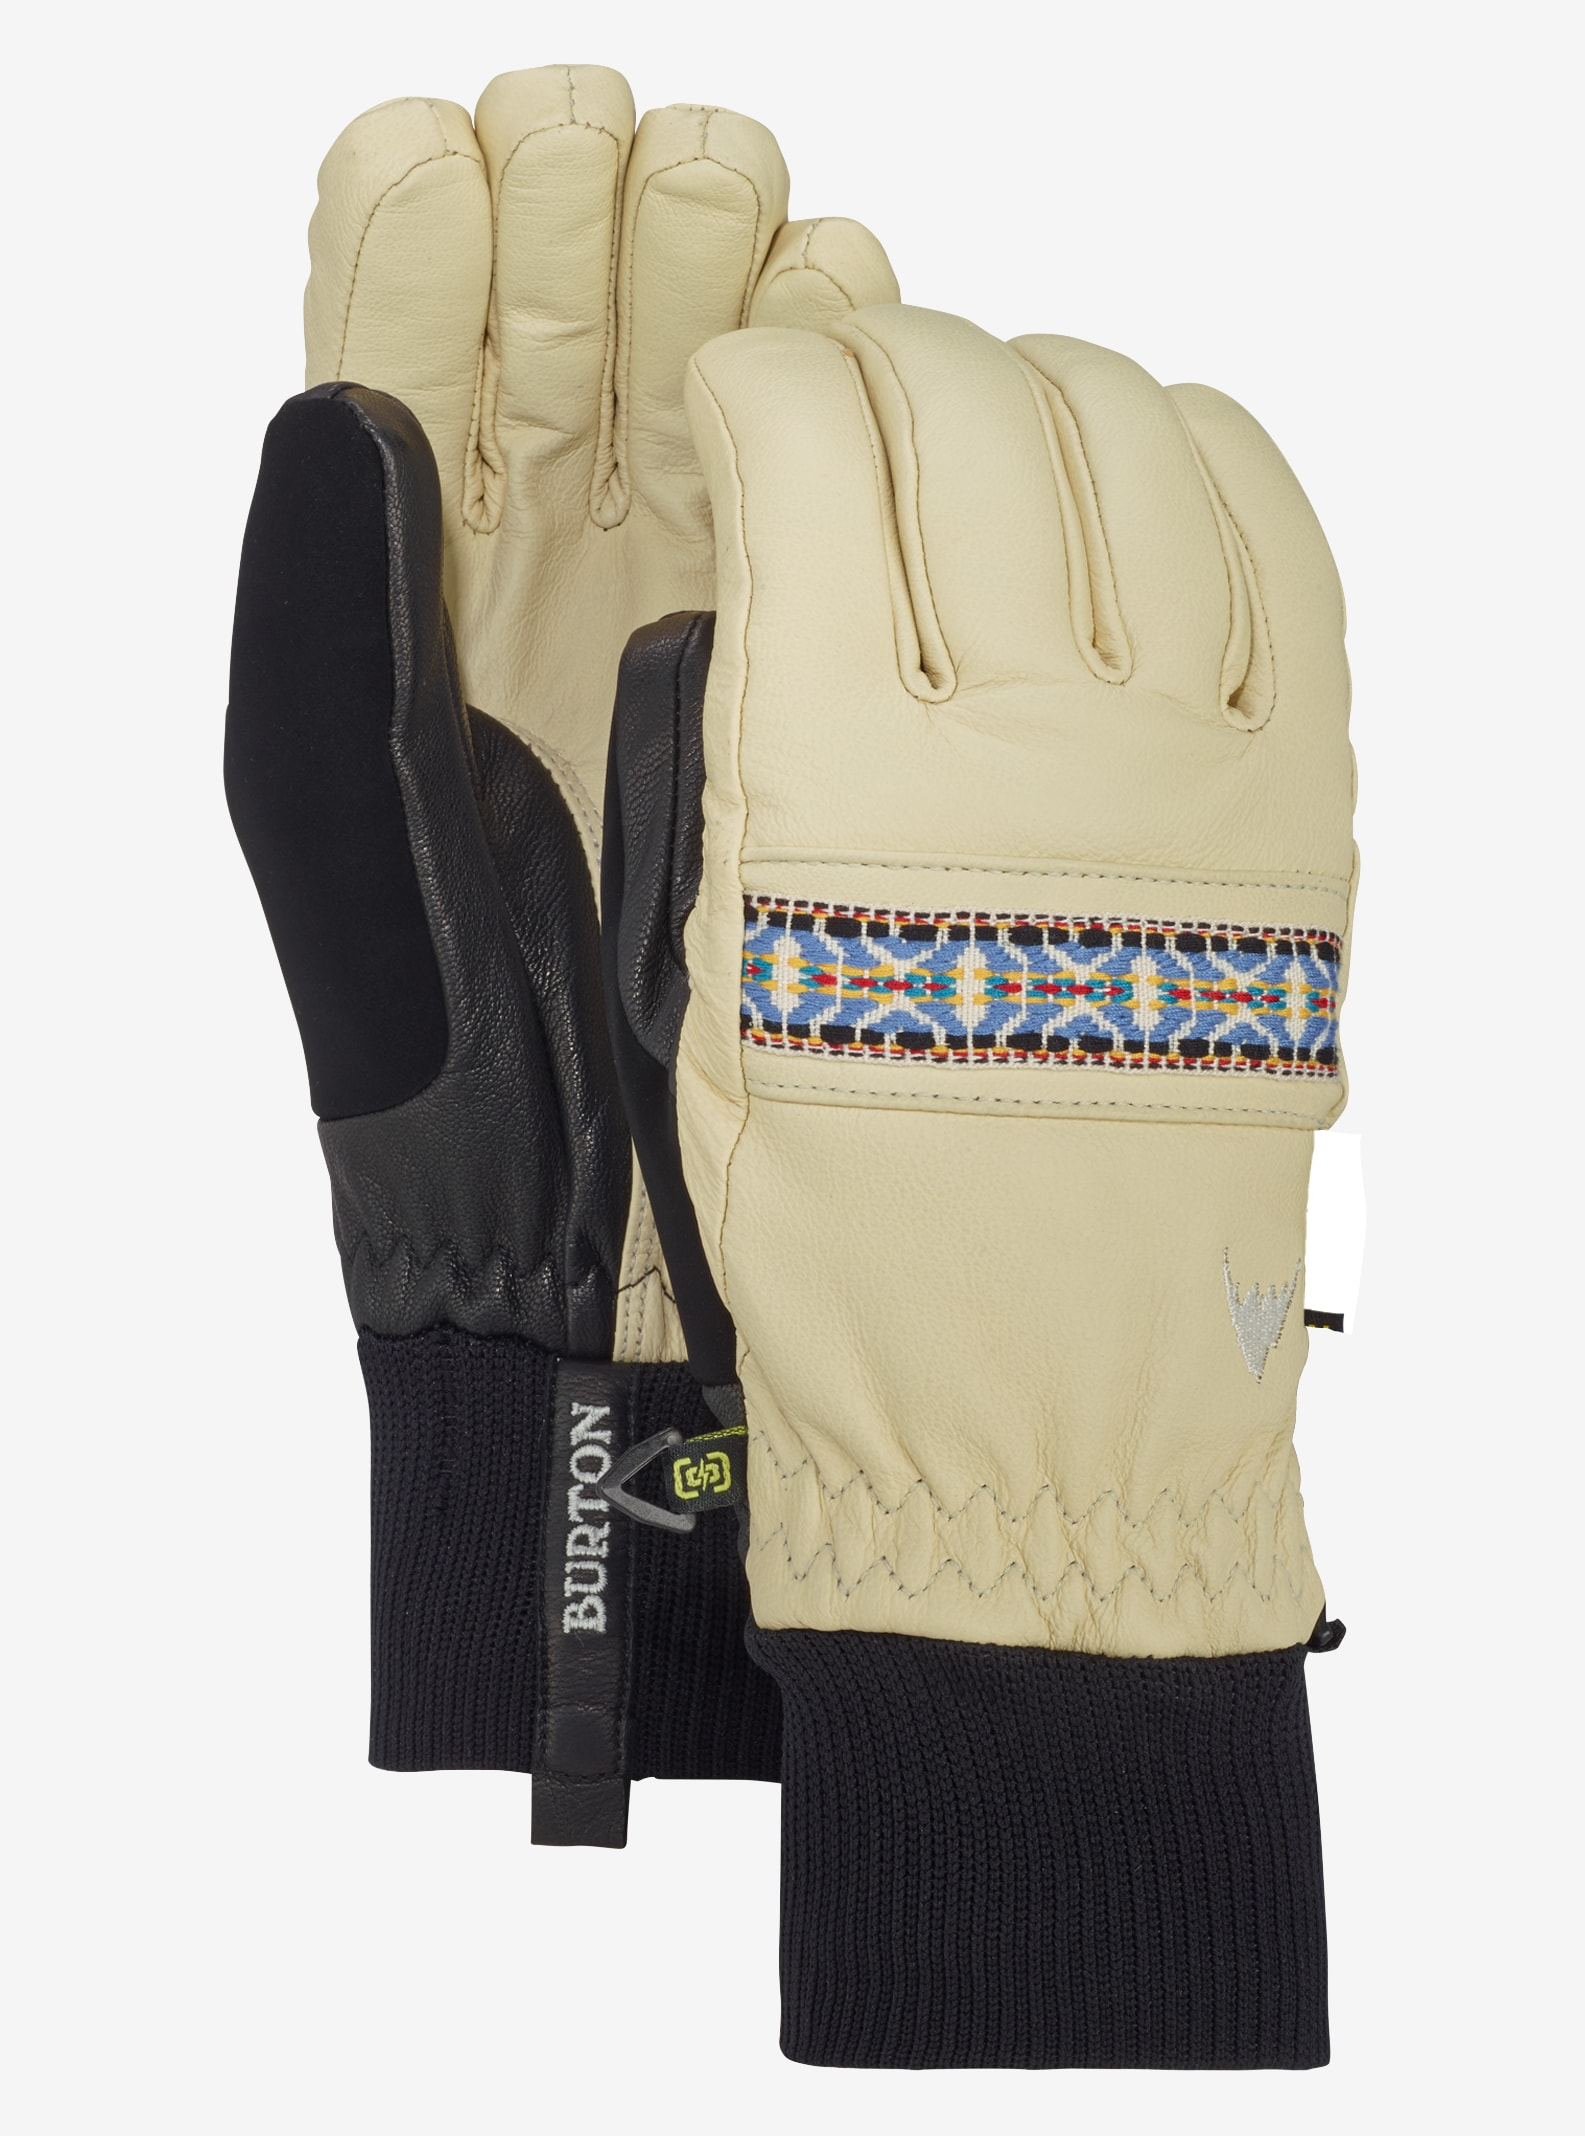 Women's Burton Free Range Glove shown in Canvas